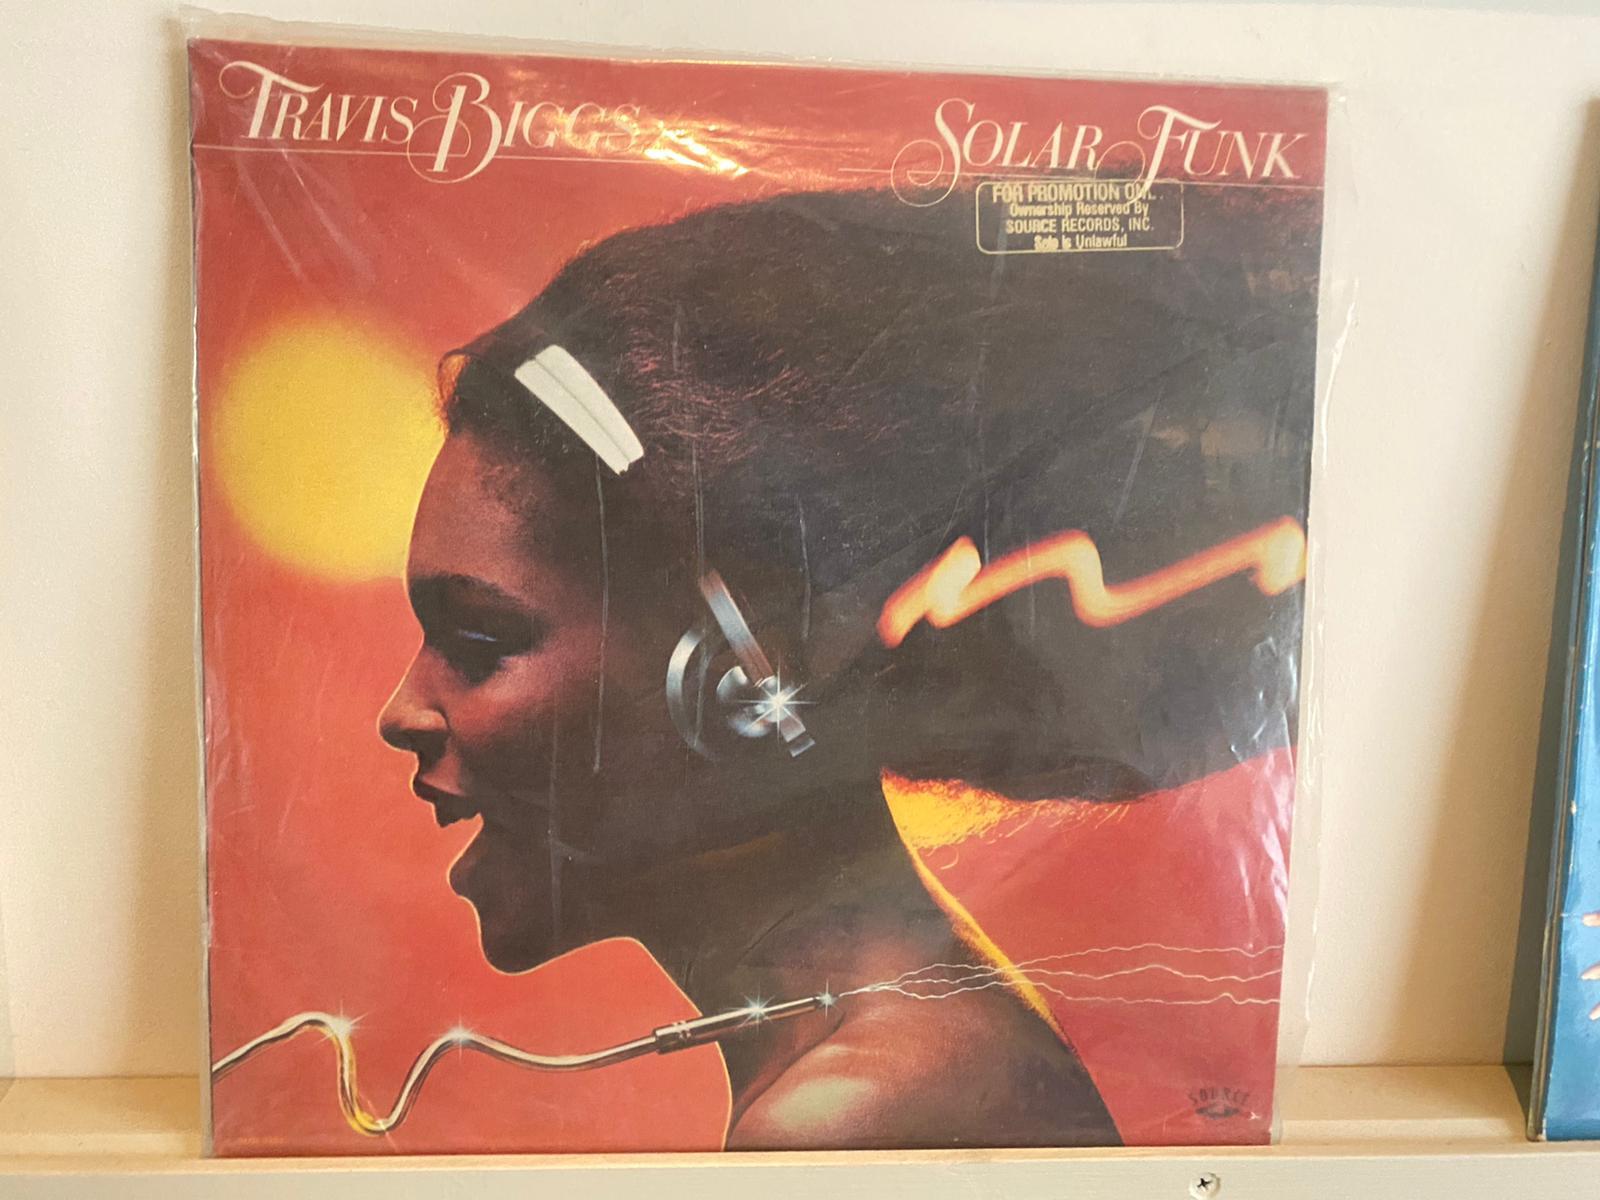 Travis Bigs 'Solar Funk'